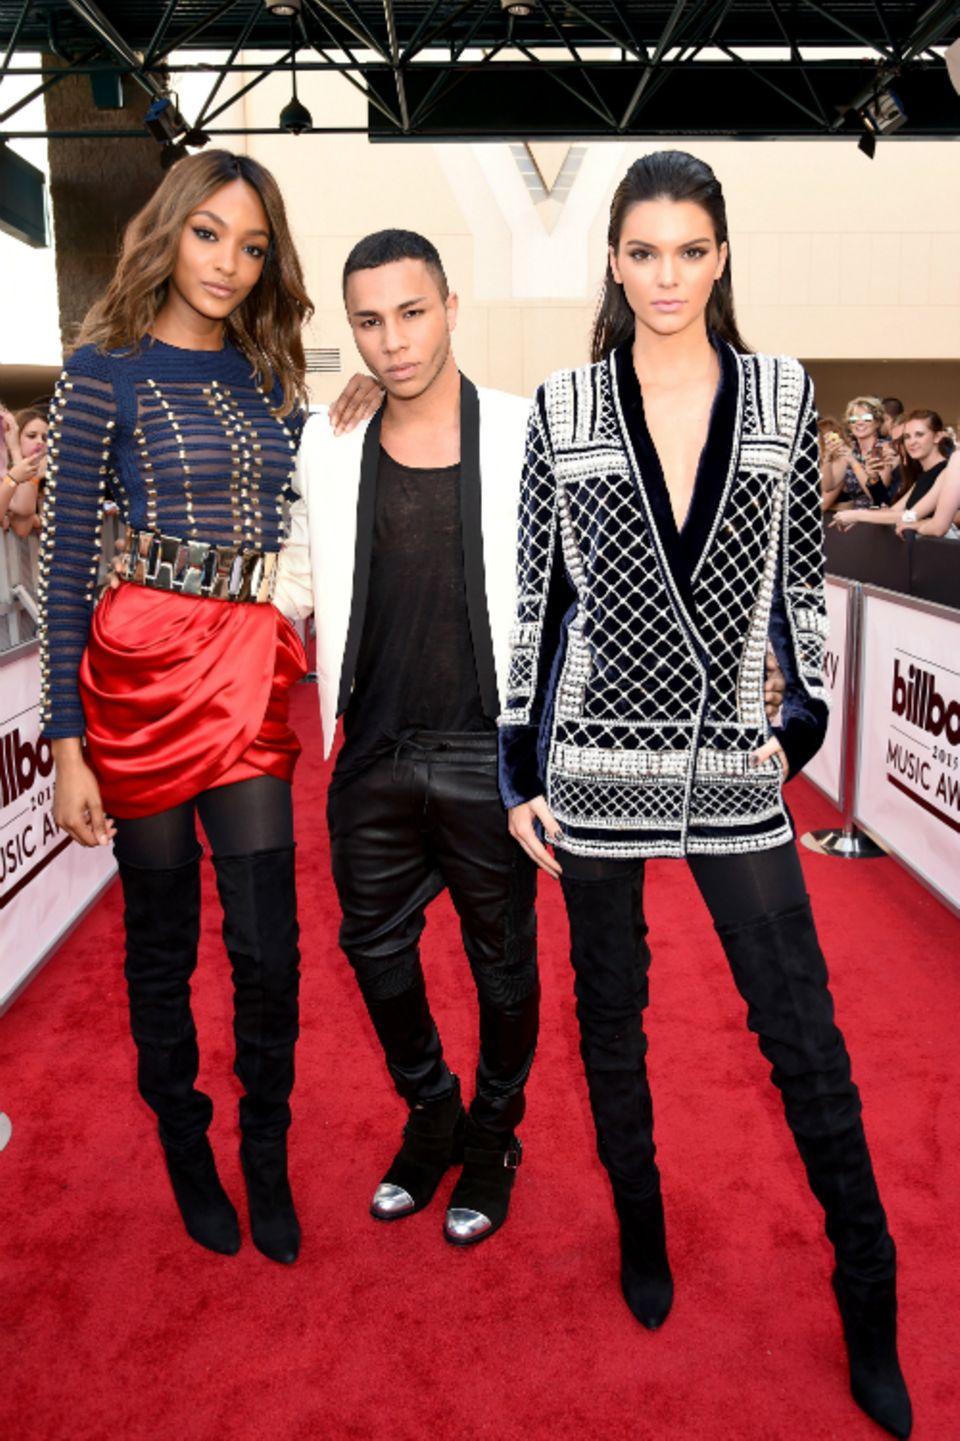 Beste Freunde: Jourdan Dunn (links) und Kendall Jenner mit Balmain-Designer Oliver Rousteing. Bei den Billboard Music Awards in Las Vegas gaben die beiden Models einen Vorgeschmack auf die H&M-Kooperation.